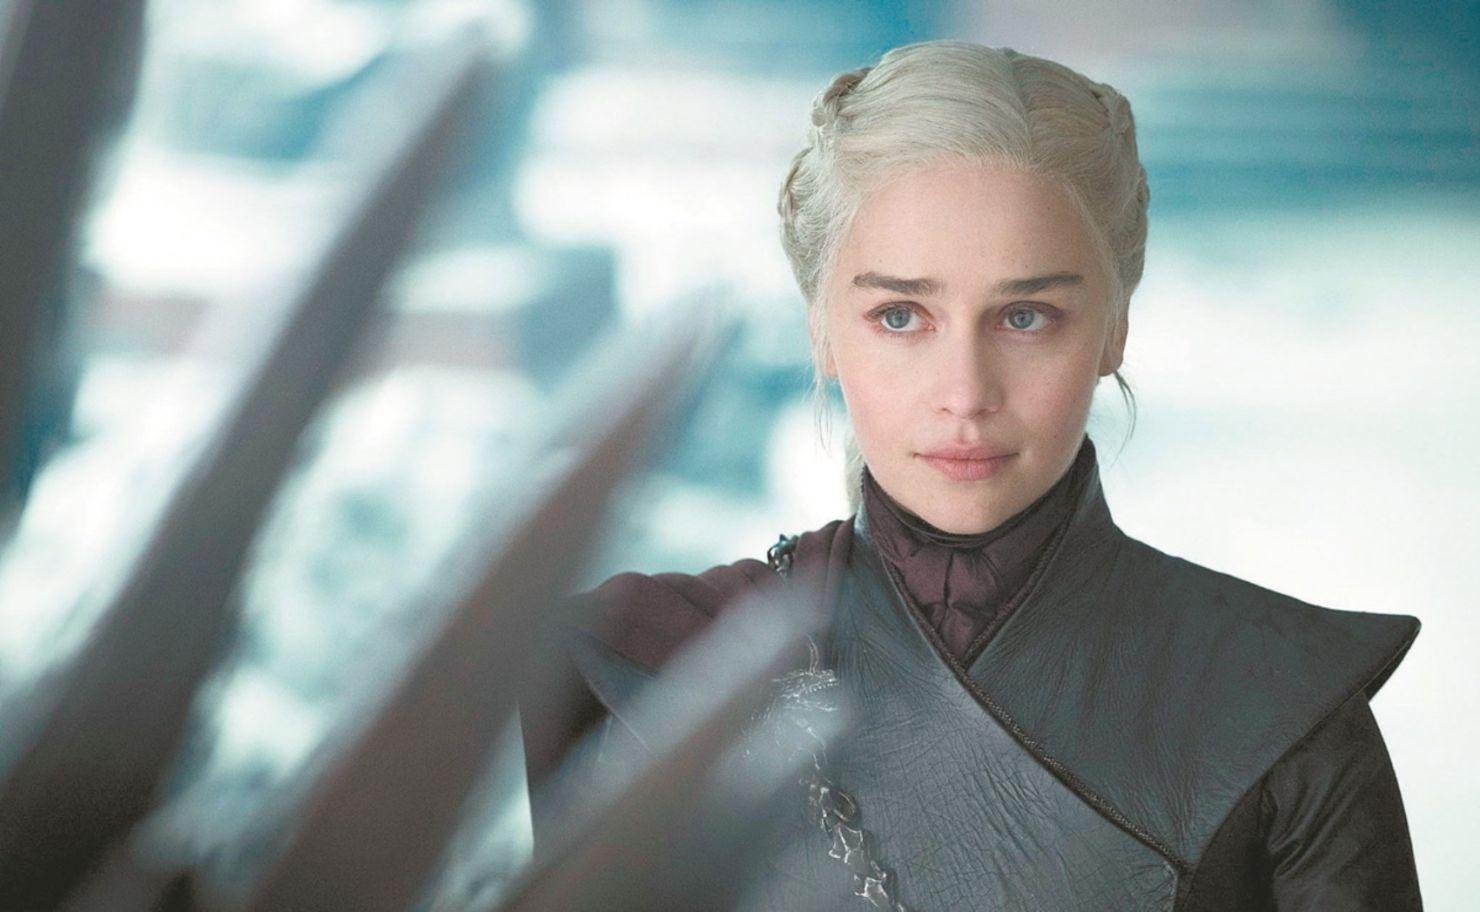 La filmografía de Emilia Clarke nos inspiró a hacer esta playlist